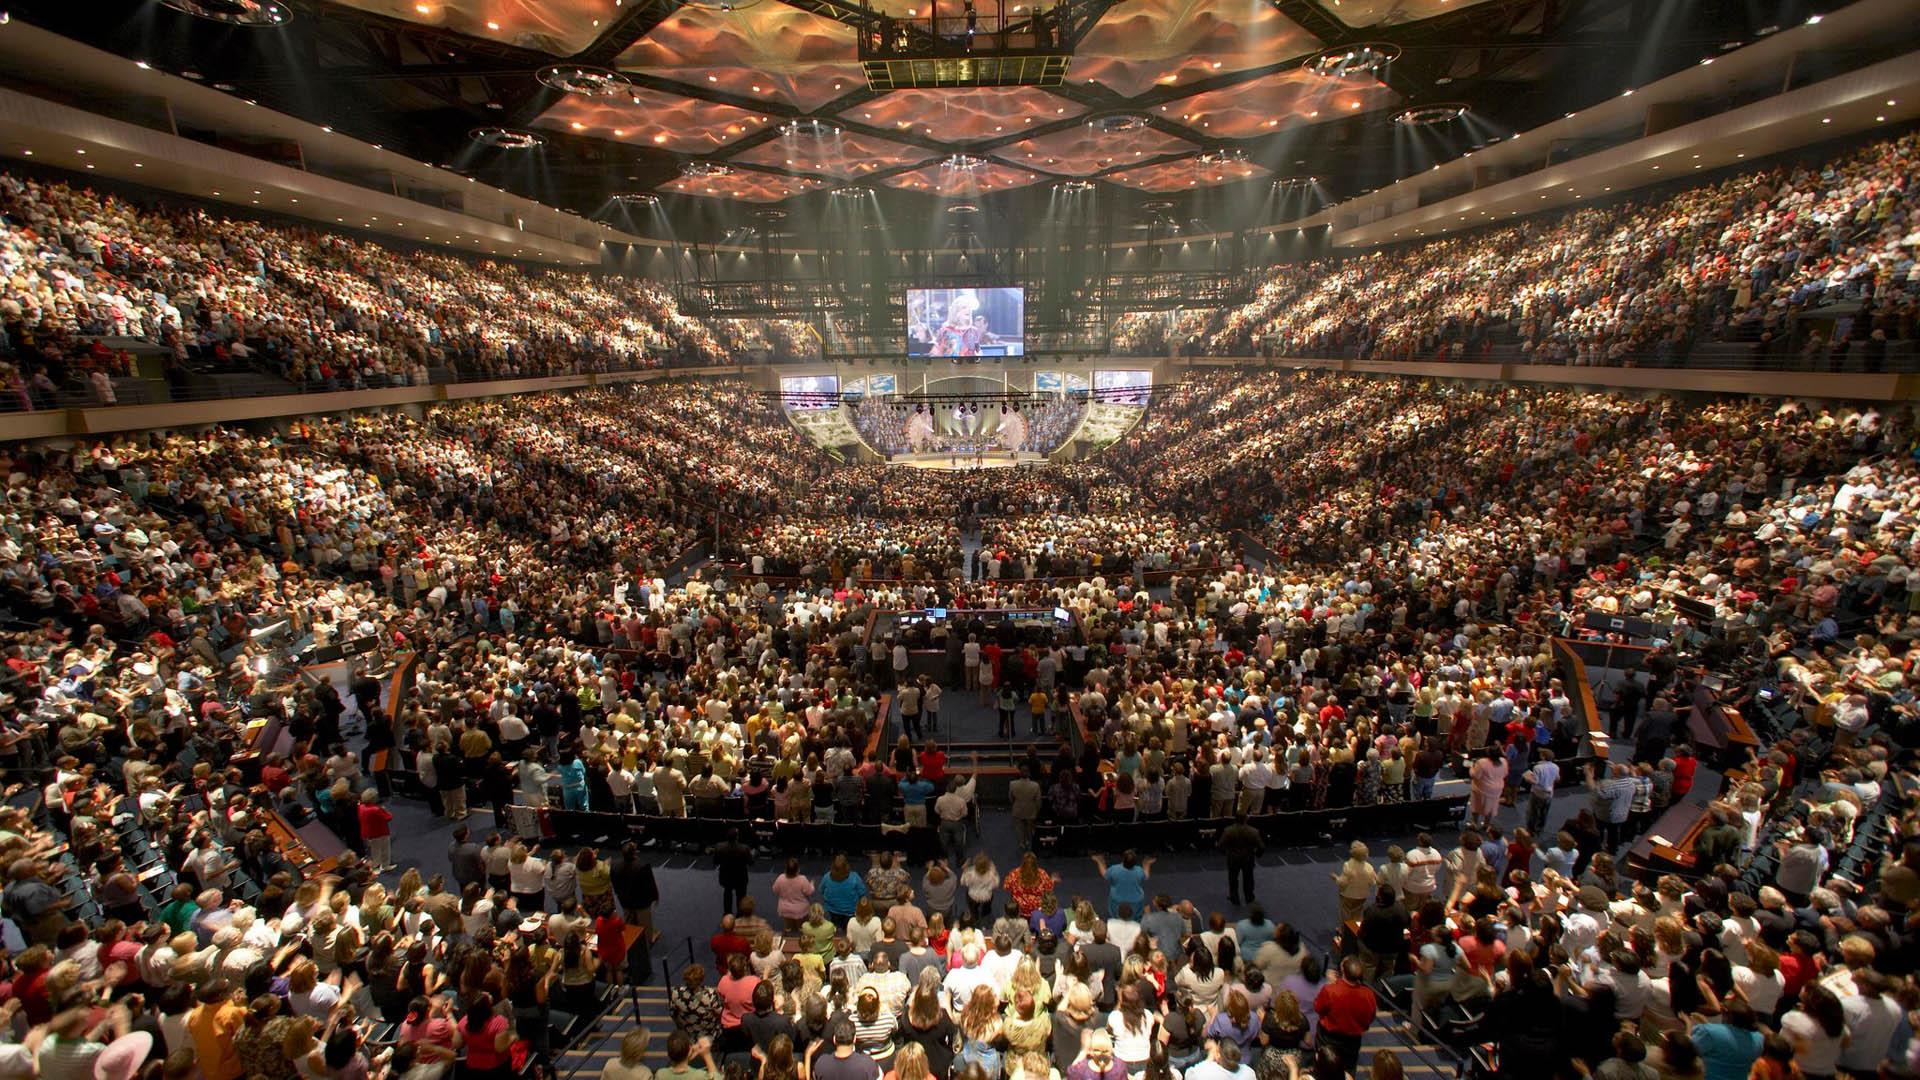 Rund 50.000 Besucher zieht die Lakewood Church wöchentlich an